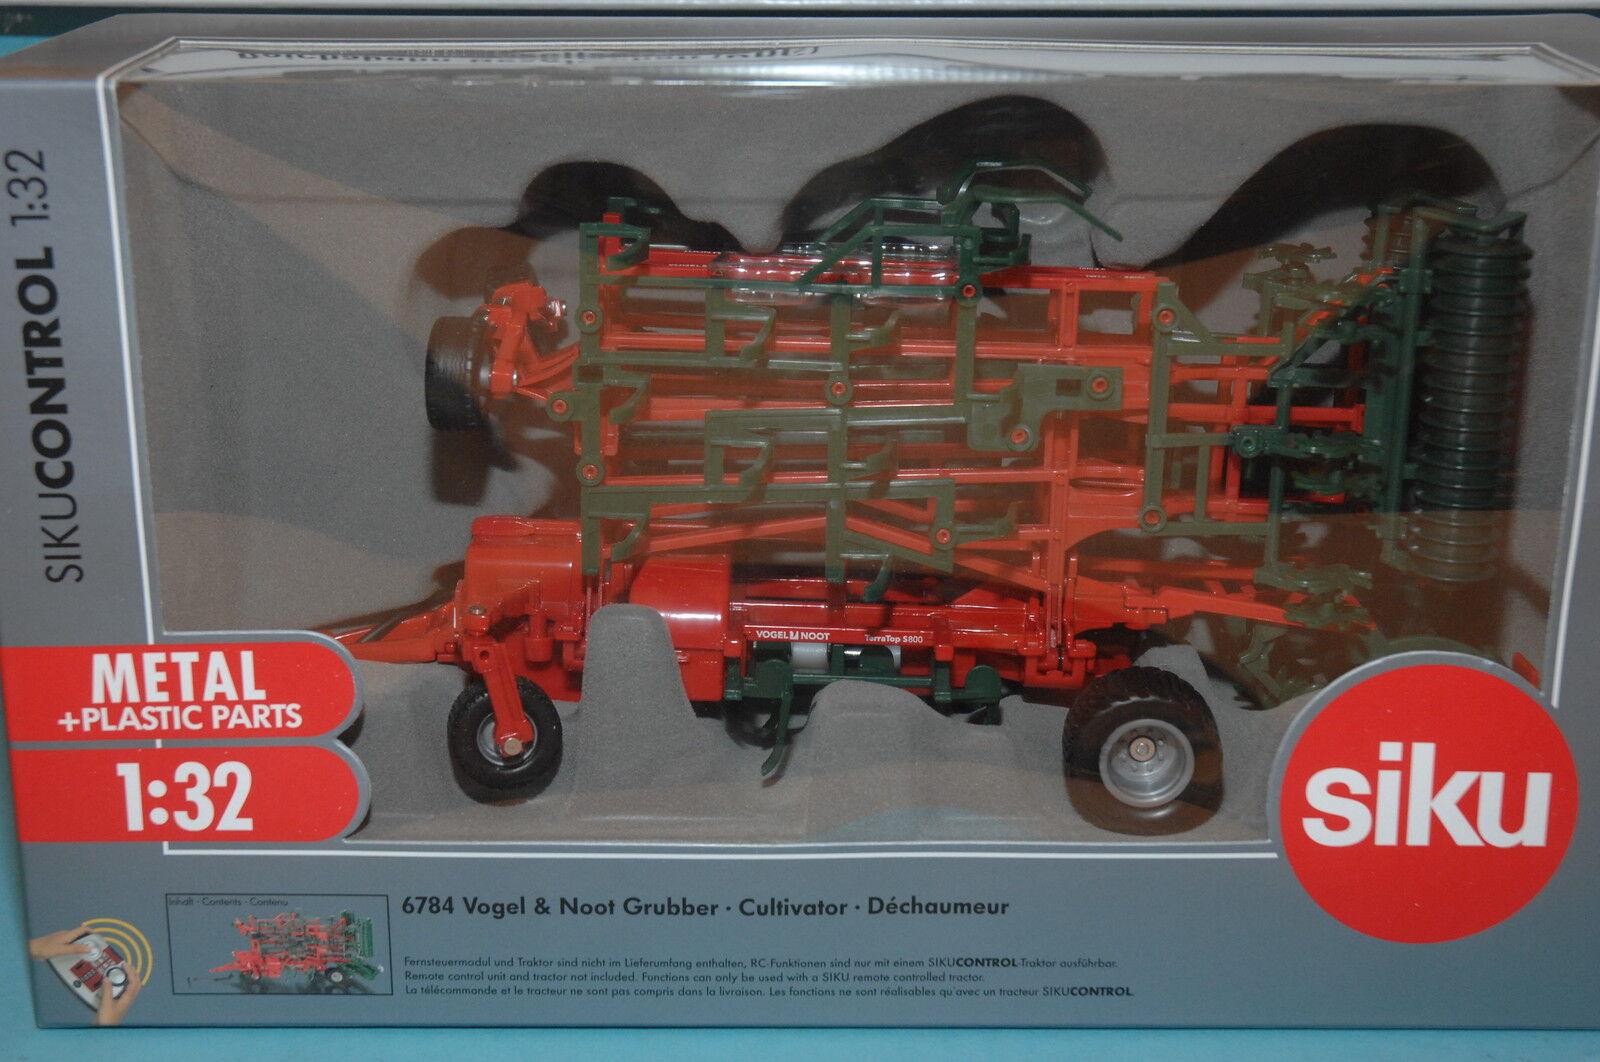 Siku Control 32 6784 6784 6784 Oiseau & Noot Grupper à SIKU RC modèles et 1:32 fermiers NEUF   Vente  d423f5